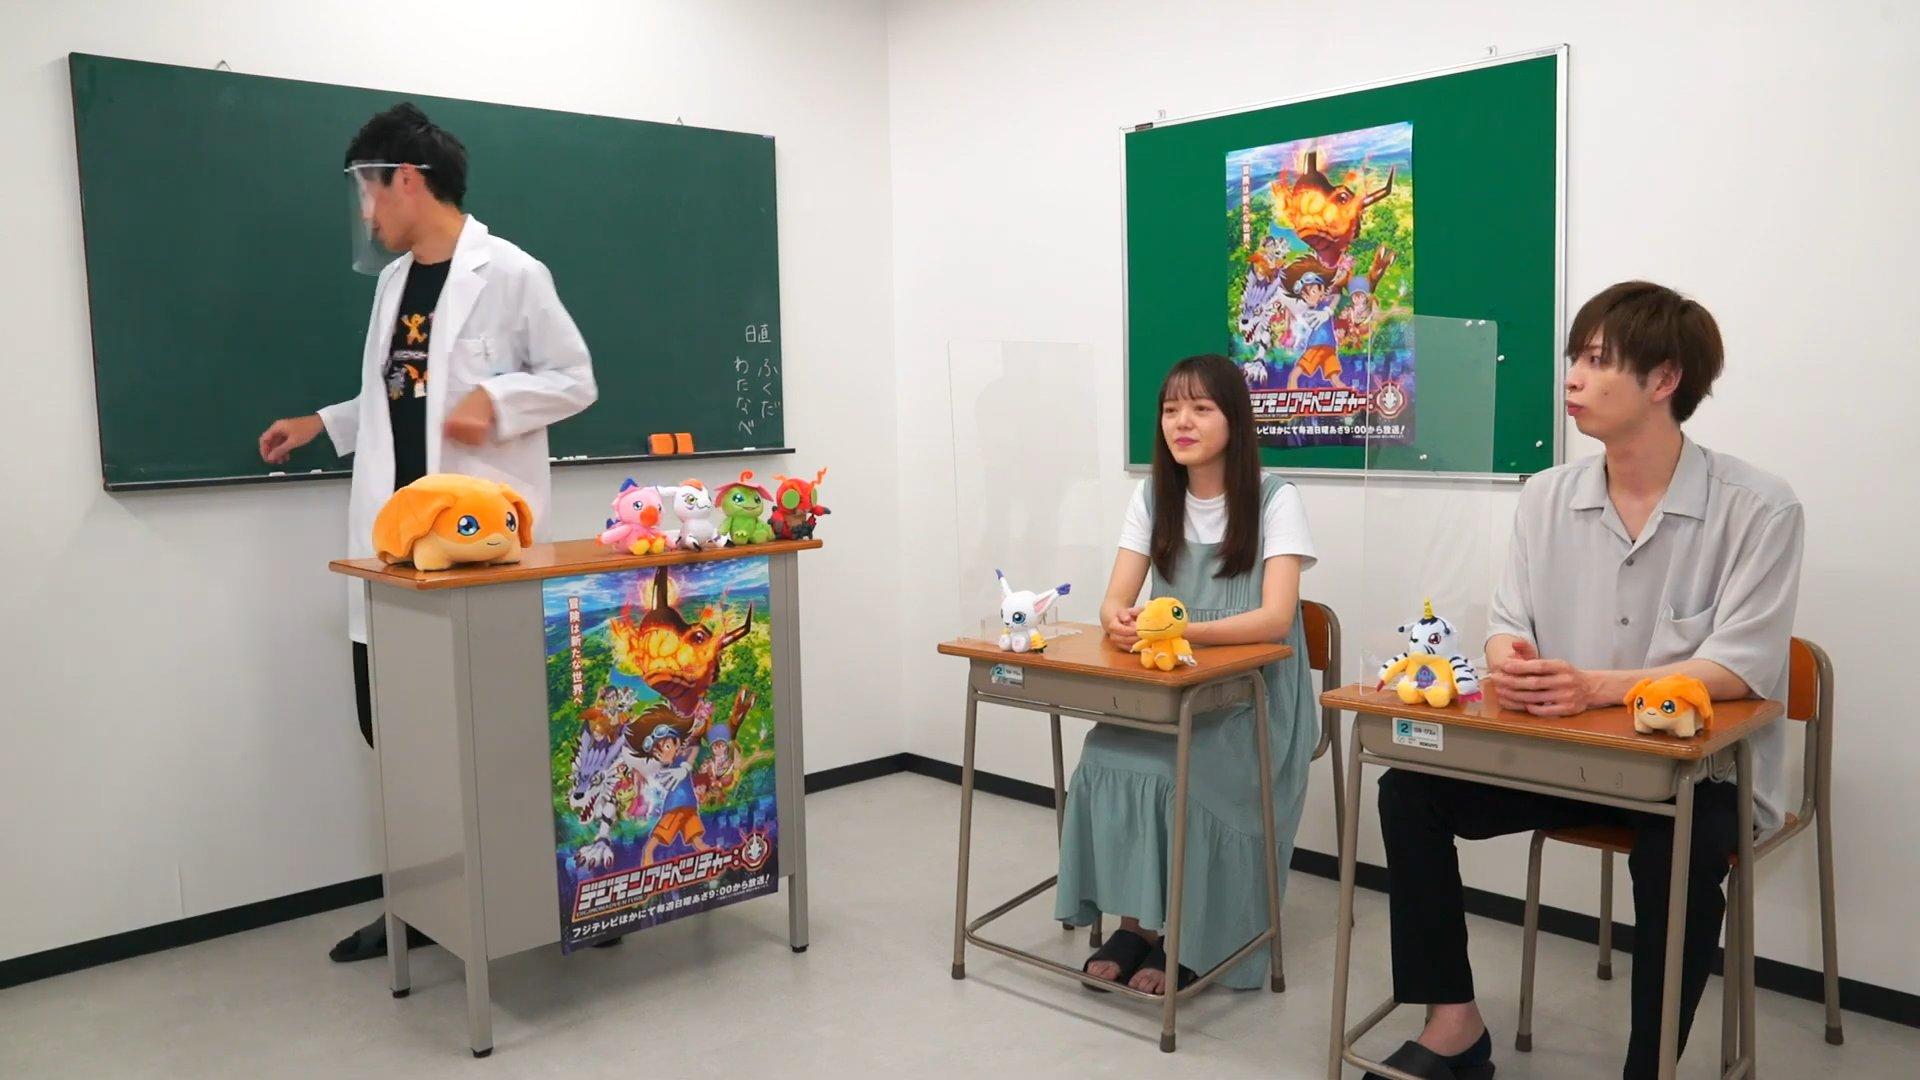 digimonclassroom2_01_september24_2020.jpg